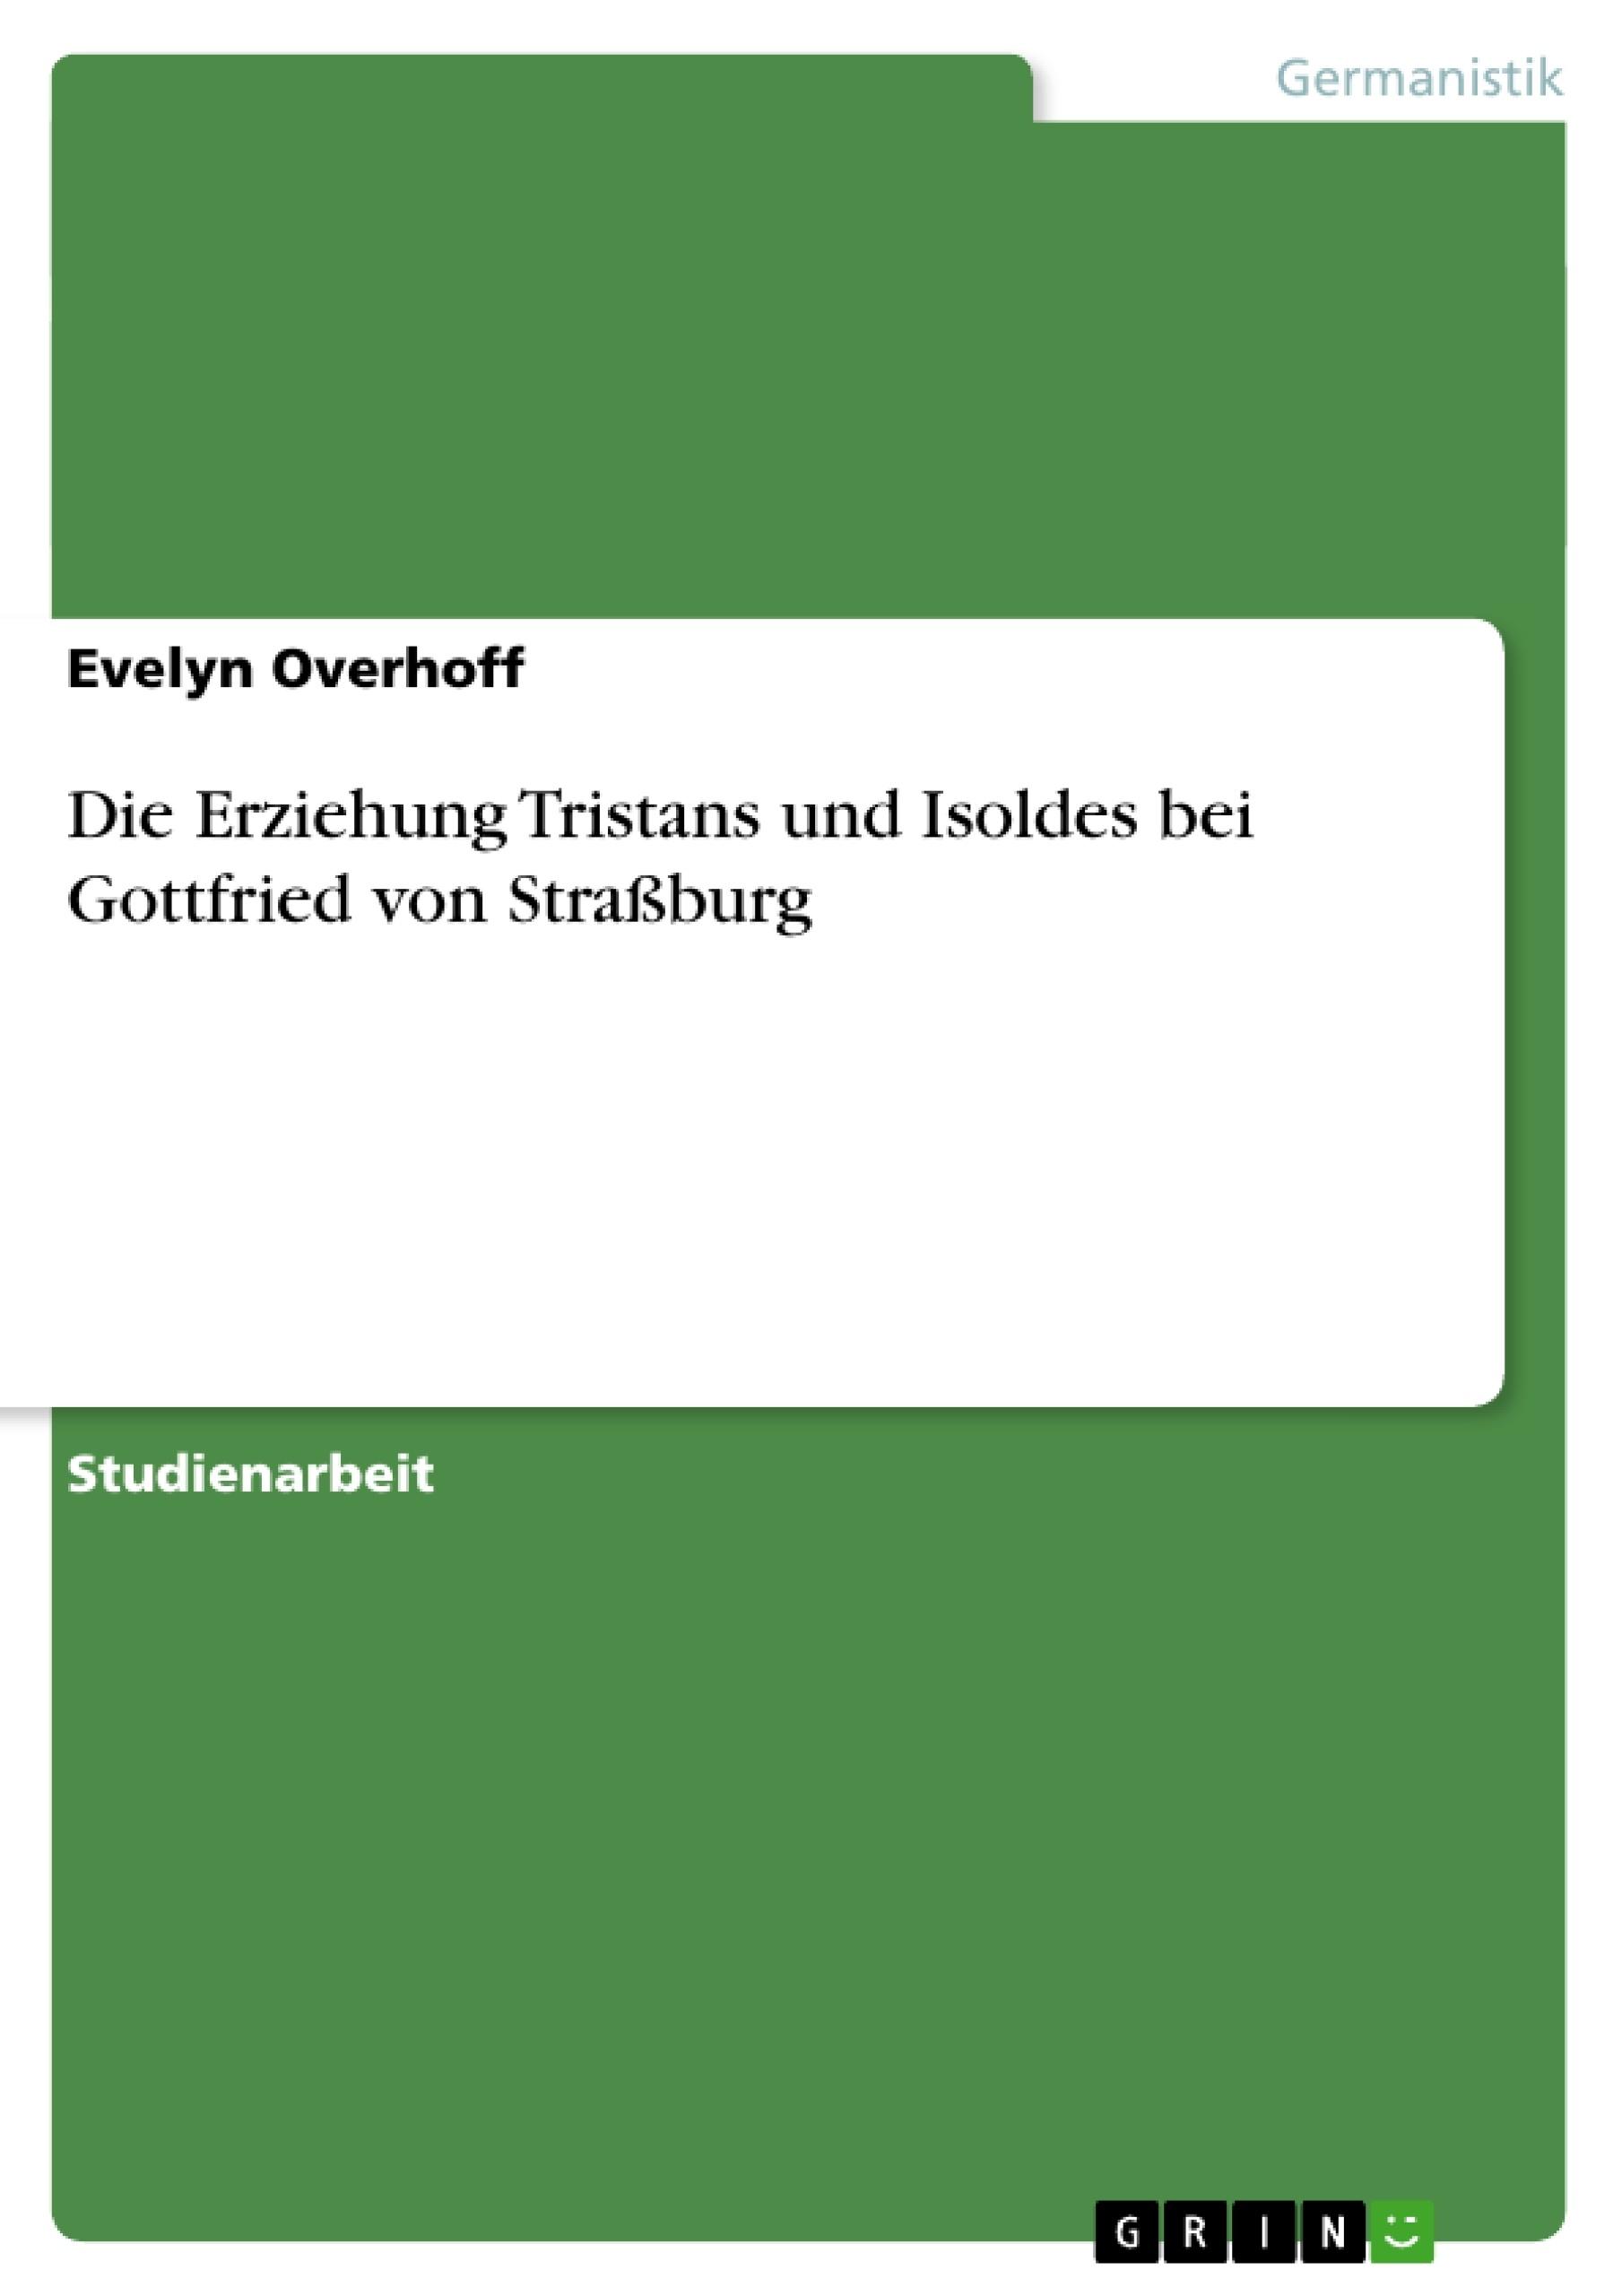 Titel: Die Erziehung Tristans und Isoldes bei Gottfried von Straßburg